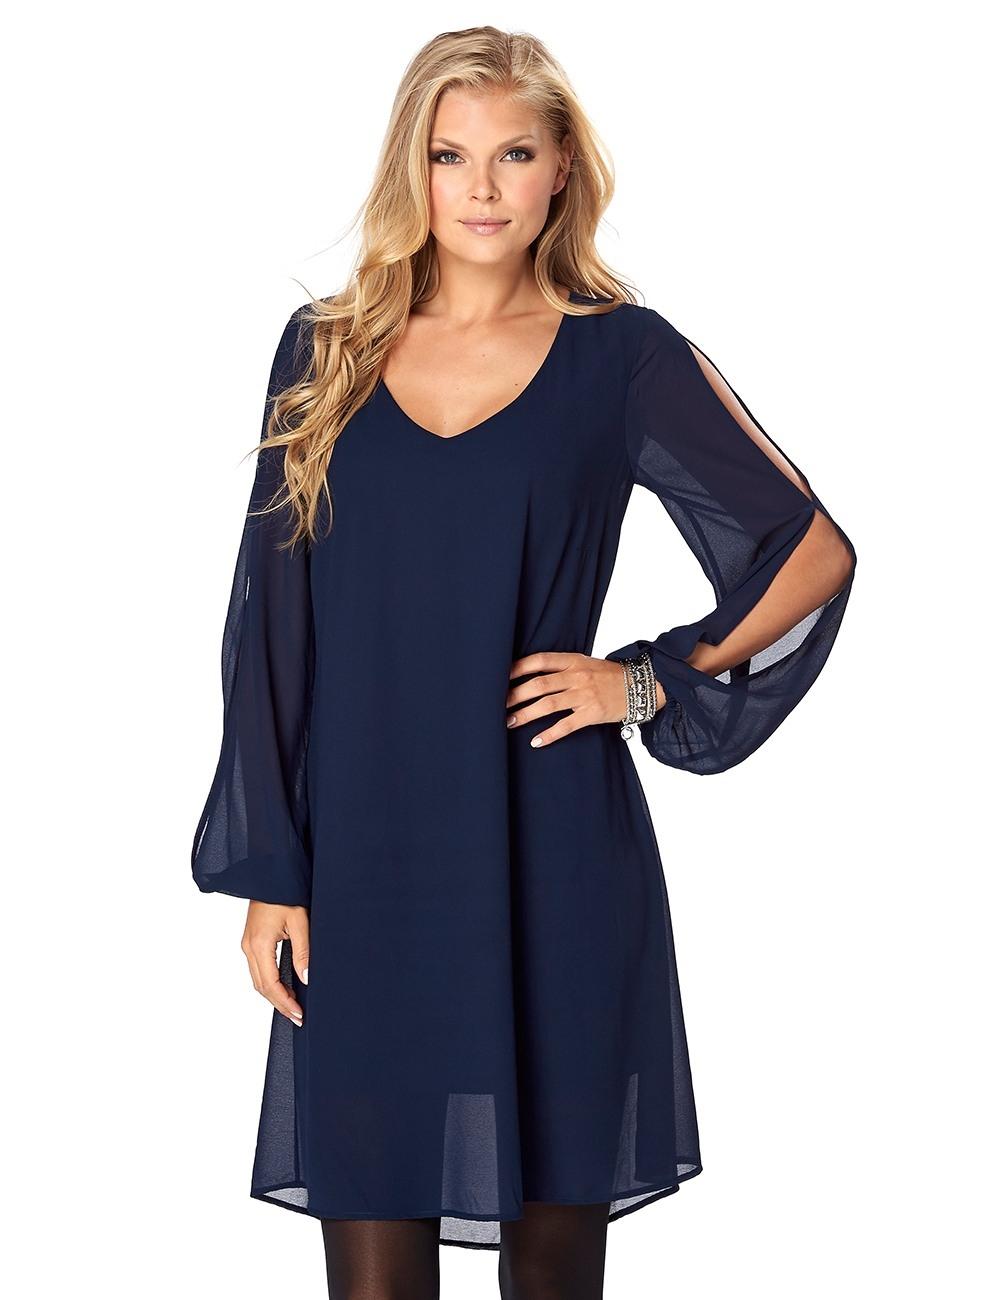 20 Fantastisch Kleid Mit ÄrmelDesigner Luxus Kleid Mit Galerie